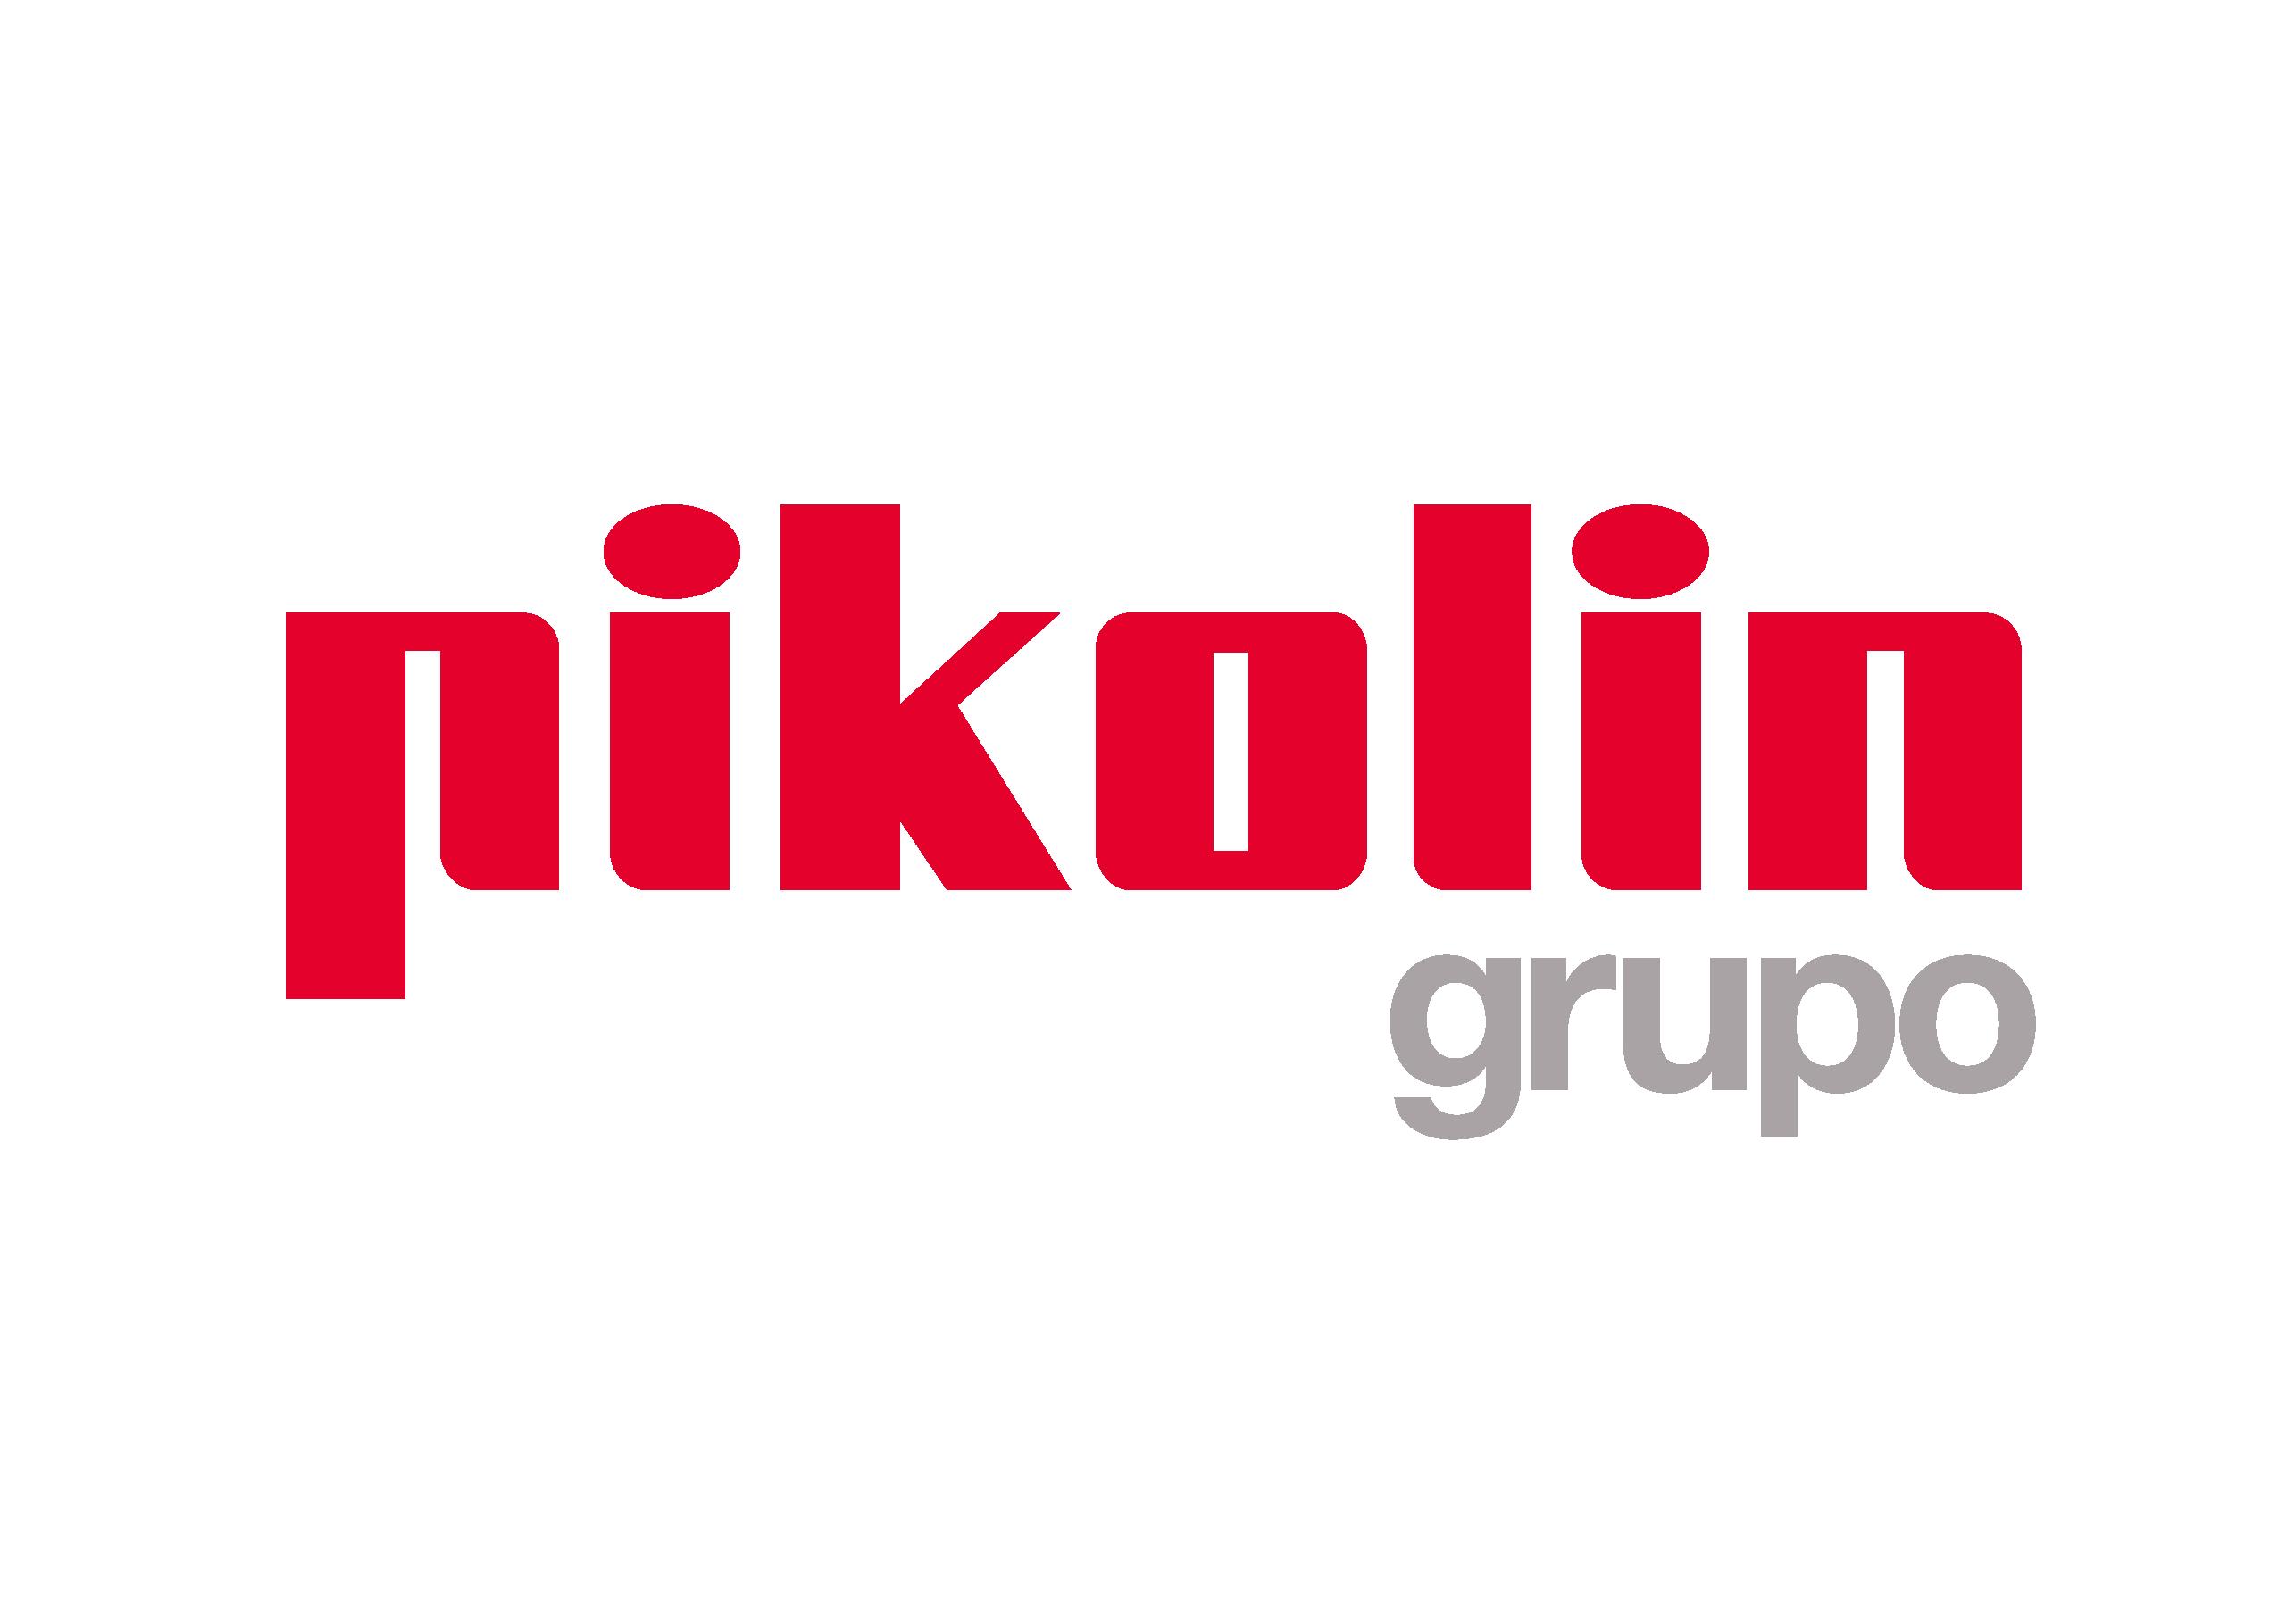 logo pikolin grupo-01